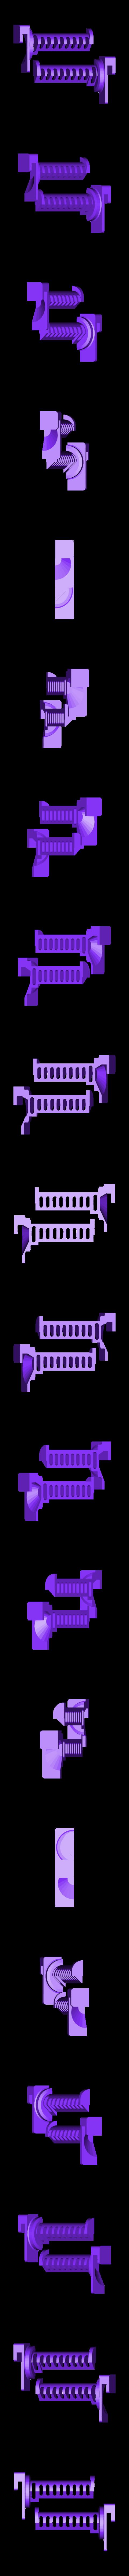 spoolholder.stl Télécharger fichier STL gratuit Porte-bobine CTC • Modèle pour impression 3D, OneIdMONstr